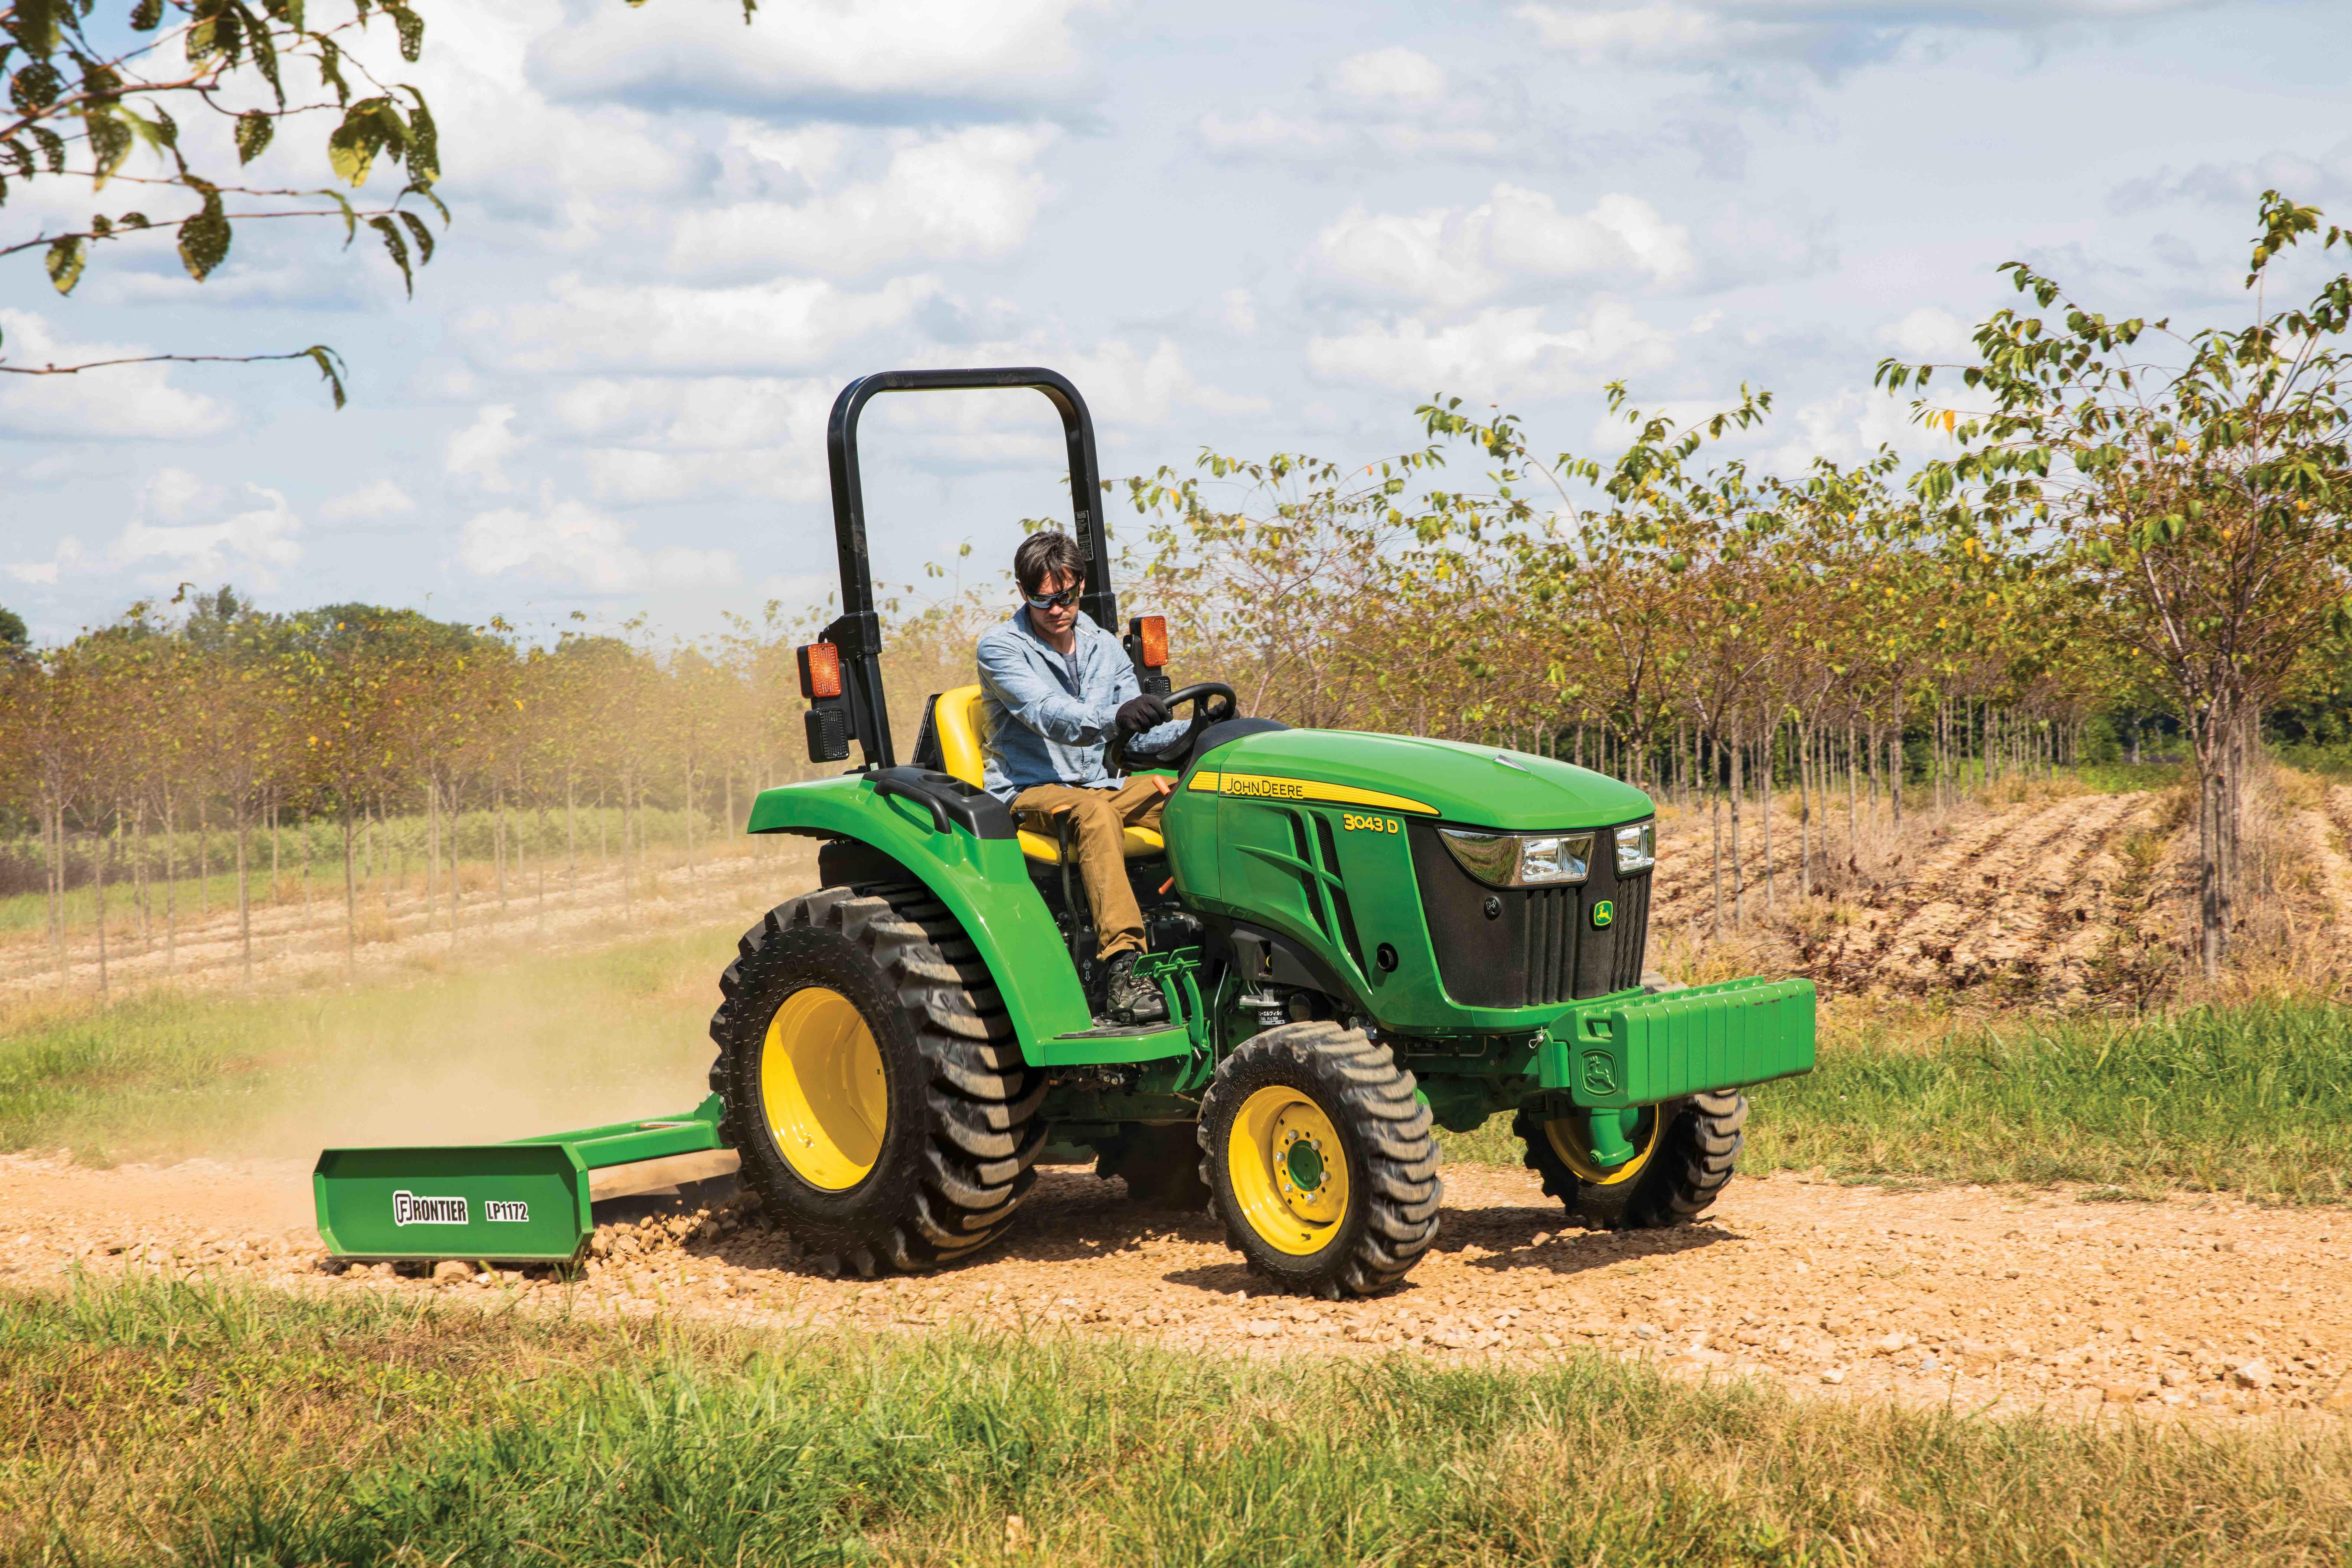 John Deere 3D compact utility tractor